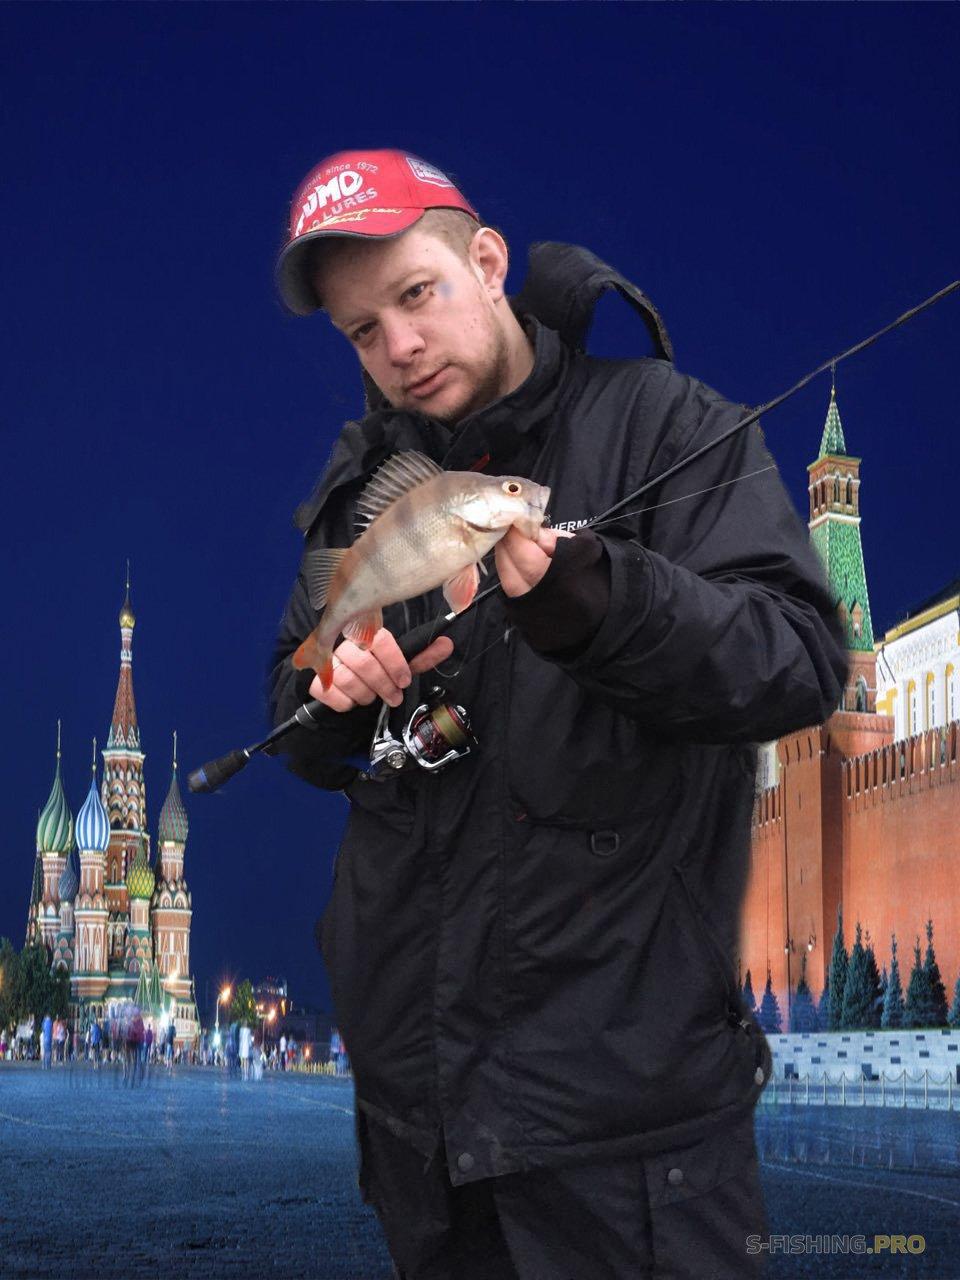 Блог им. AndrejLogan: Городская рыбалка